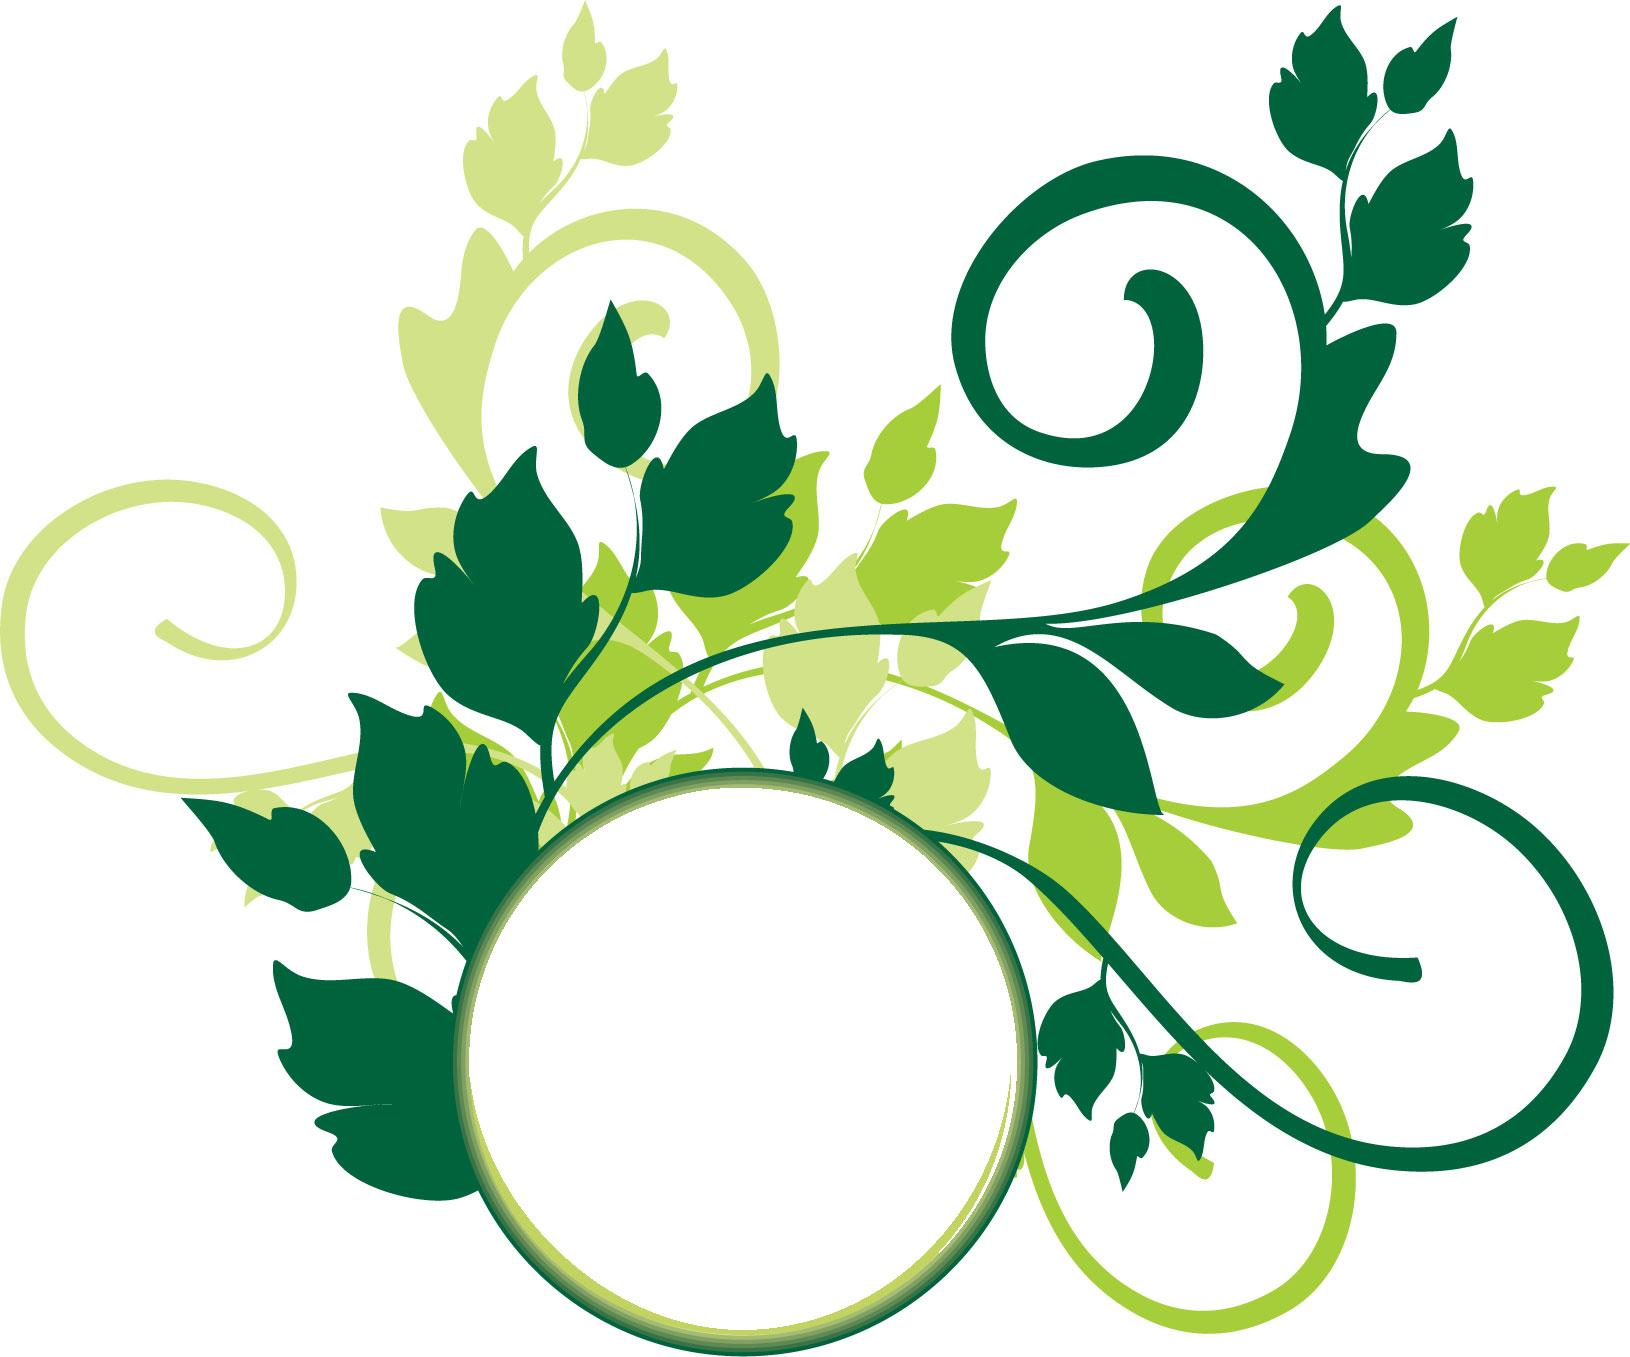 葉っぱ草木のイラストフリー素材フレーム枠no022黄緑3色